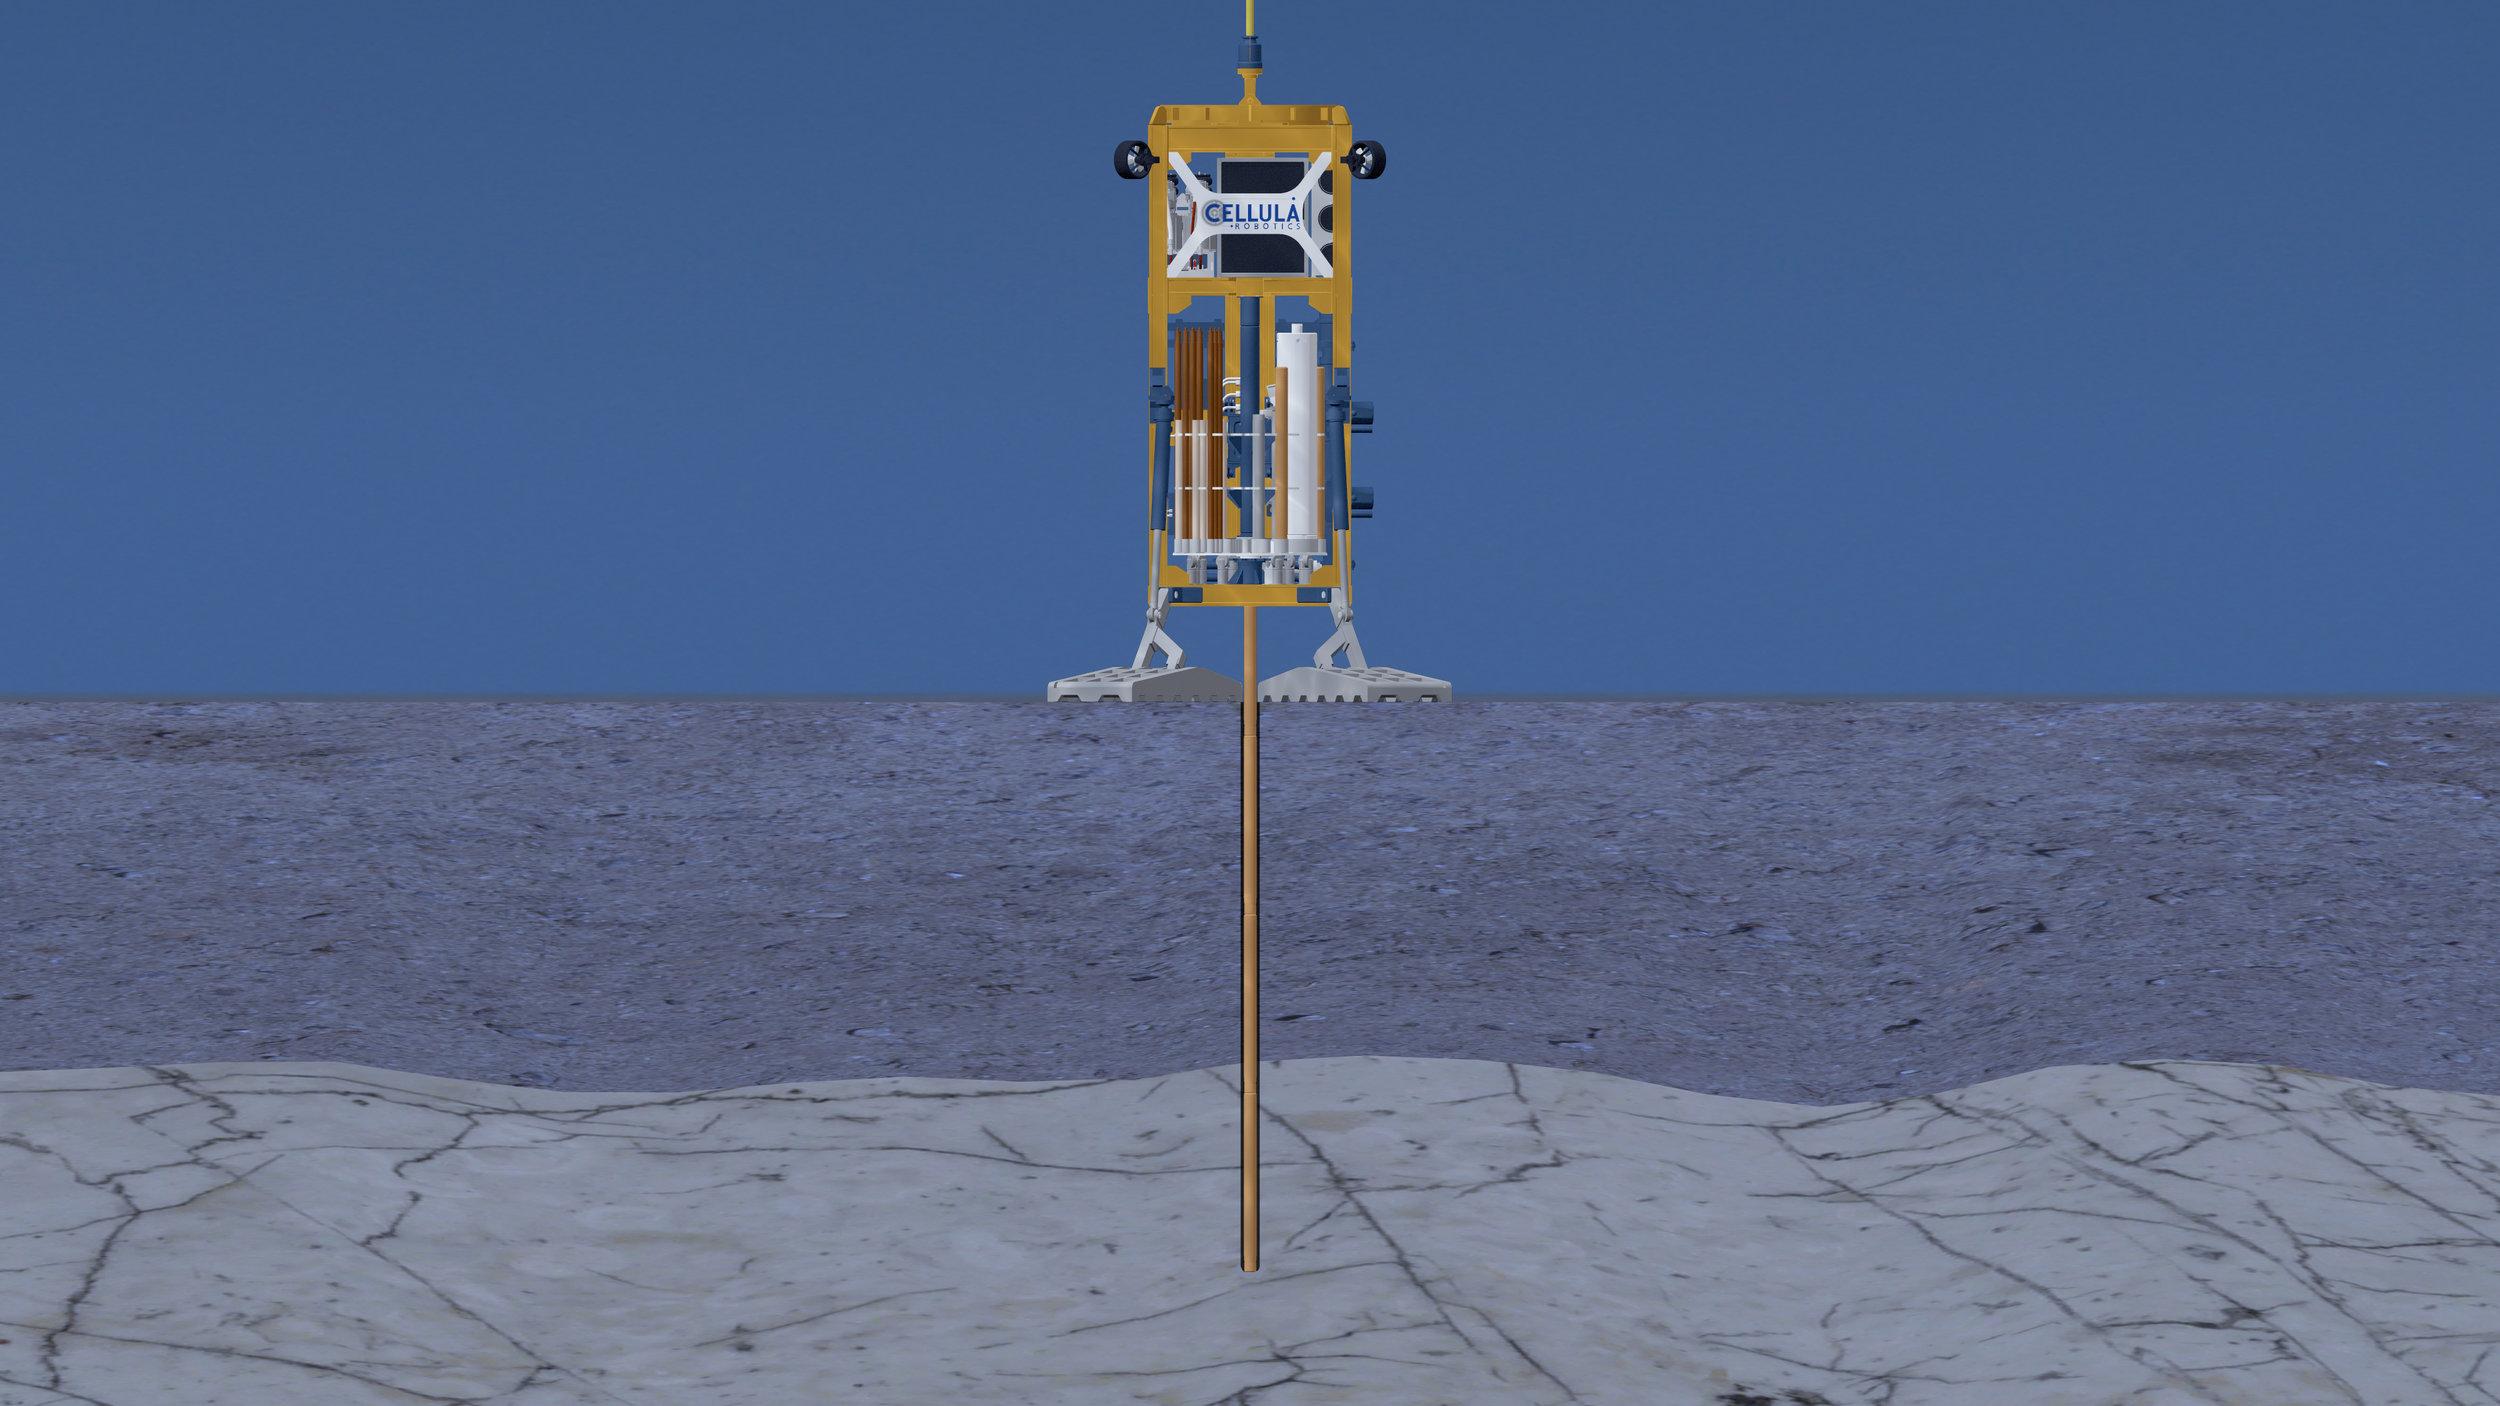 JAMSTEC - Ocean Sensor Deployment Tool